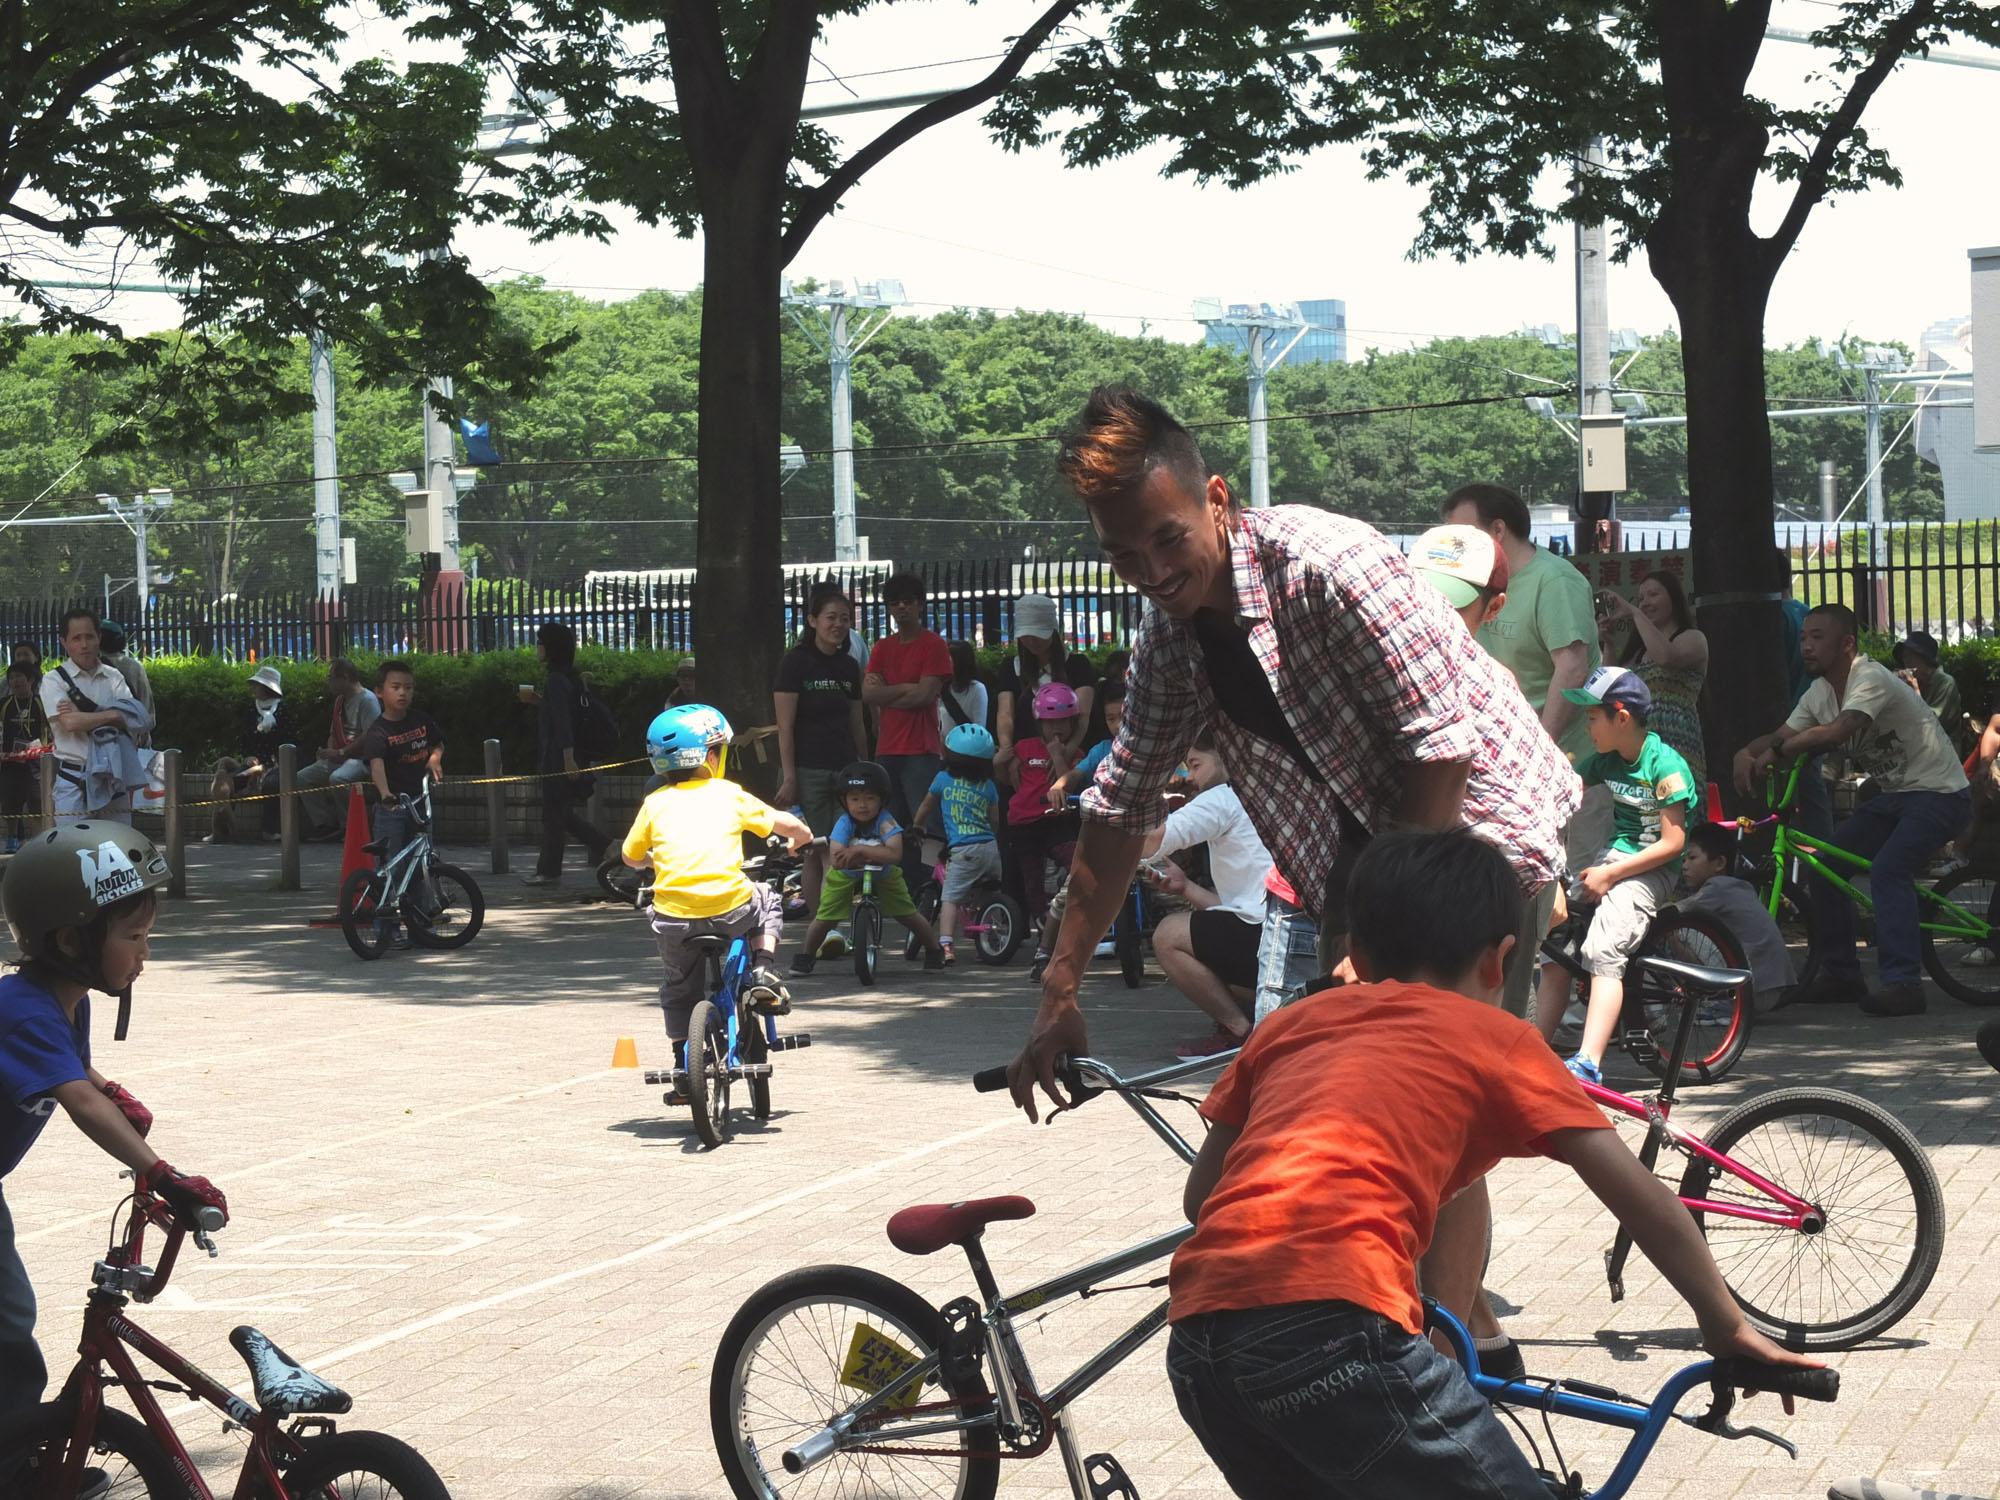 BMX riding school.